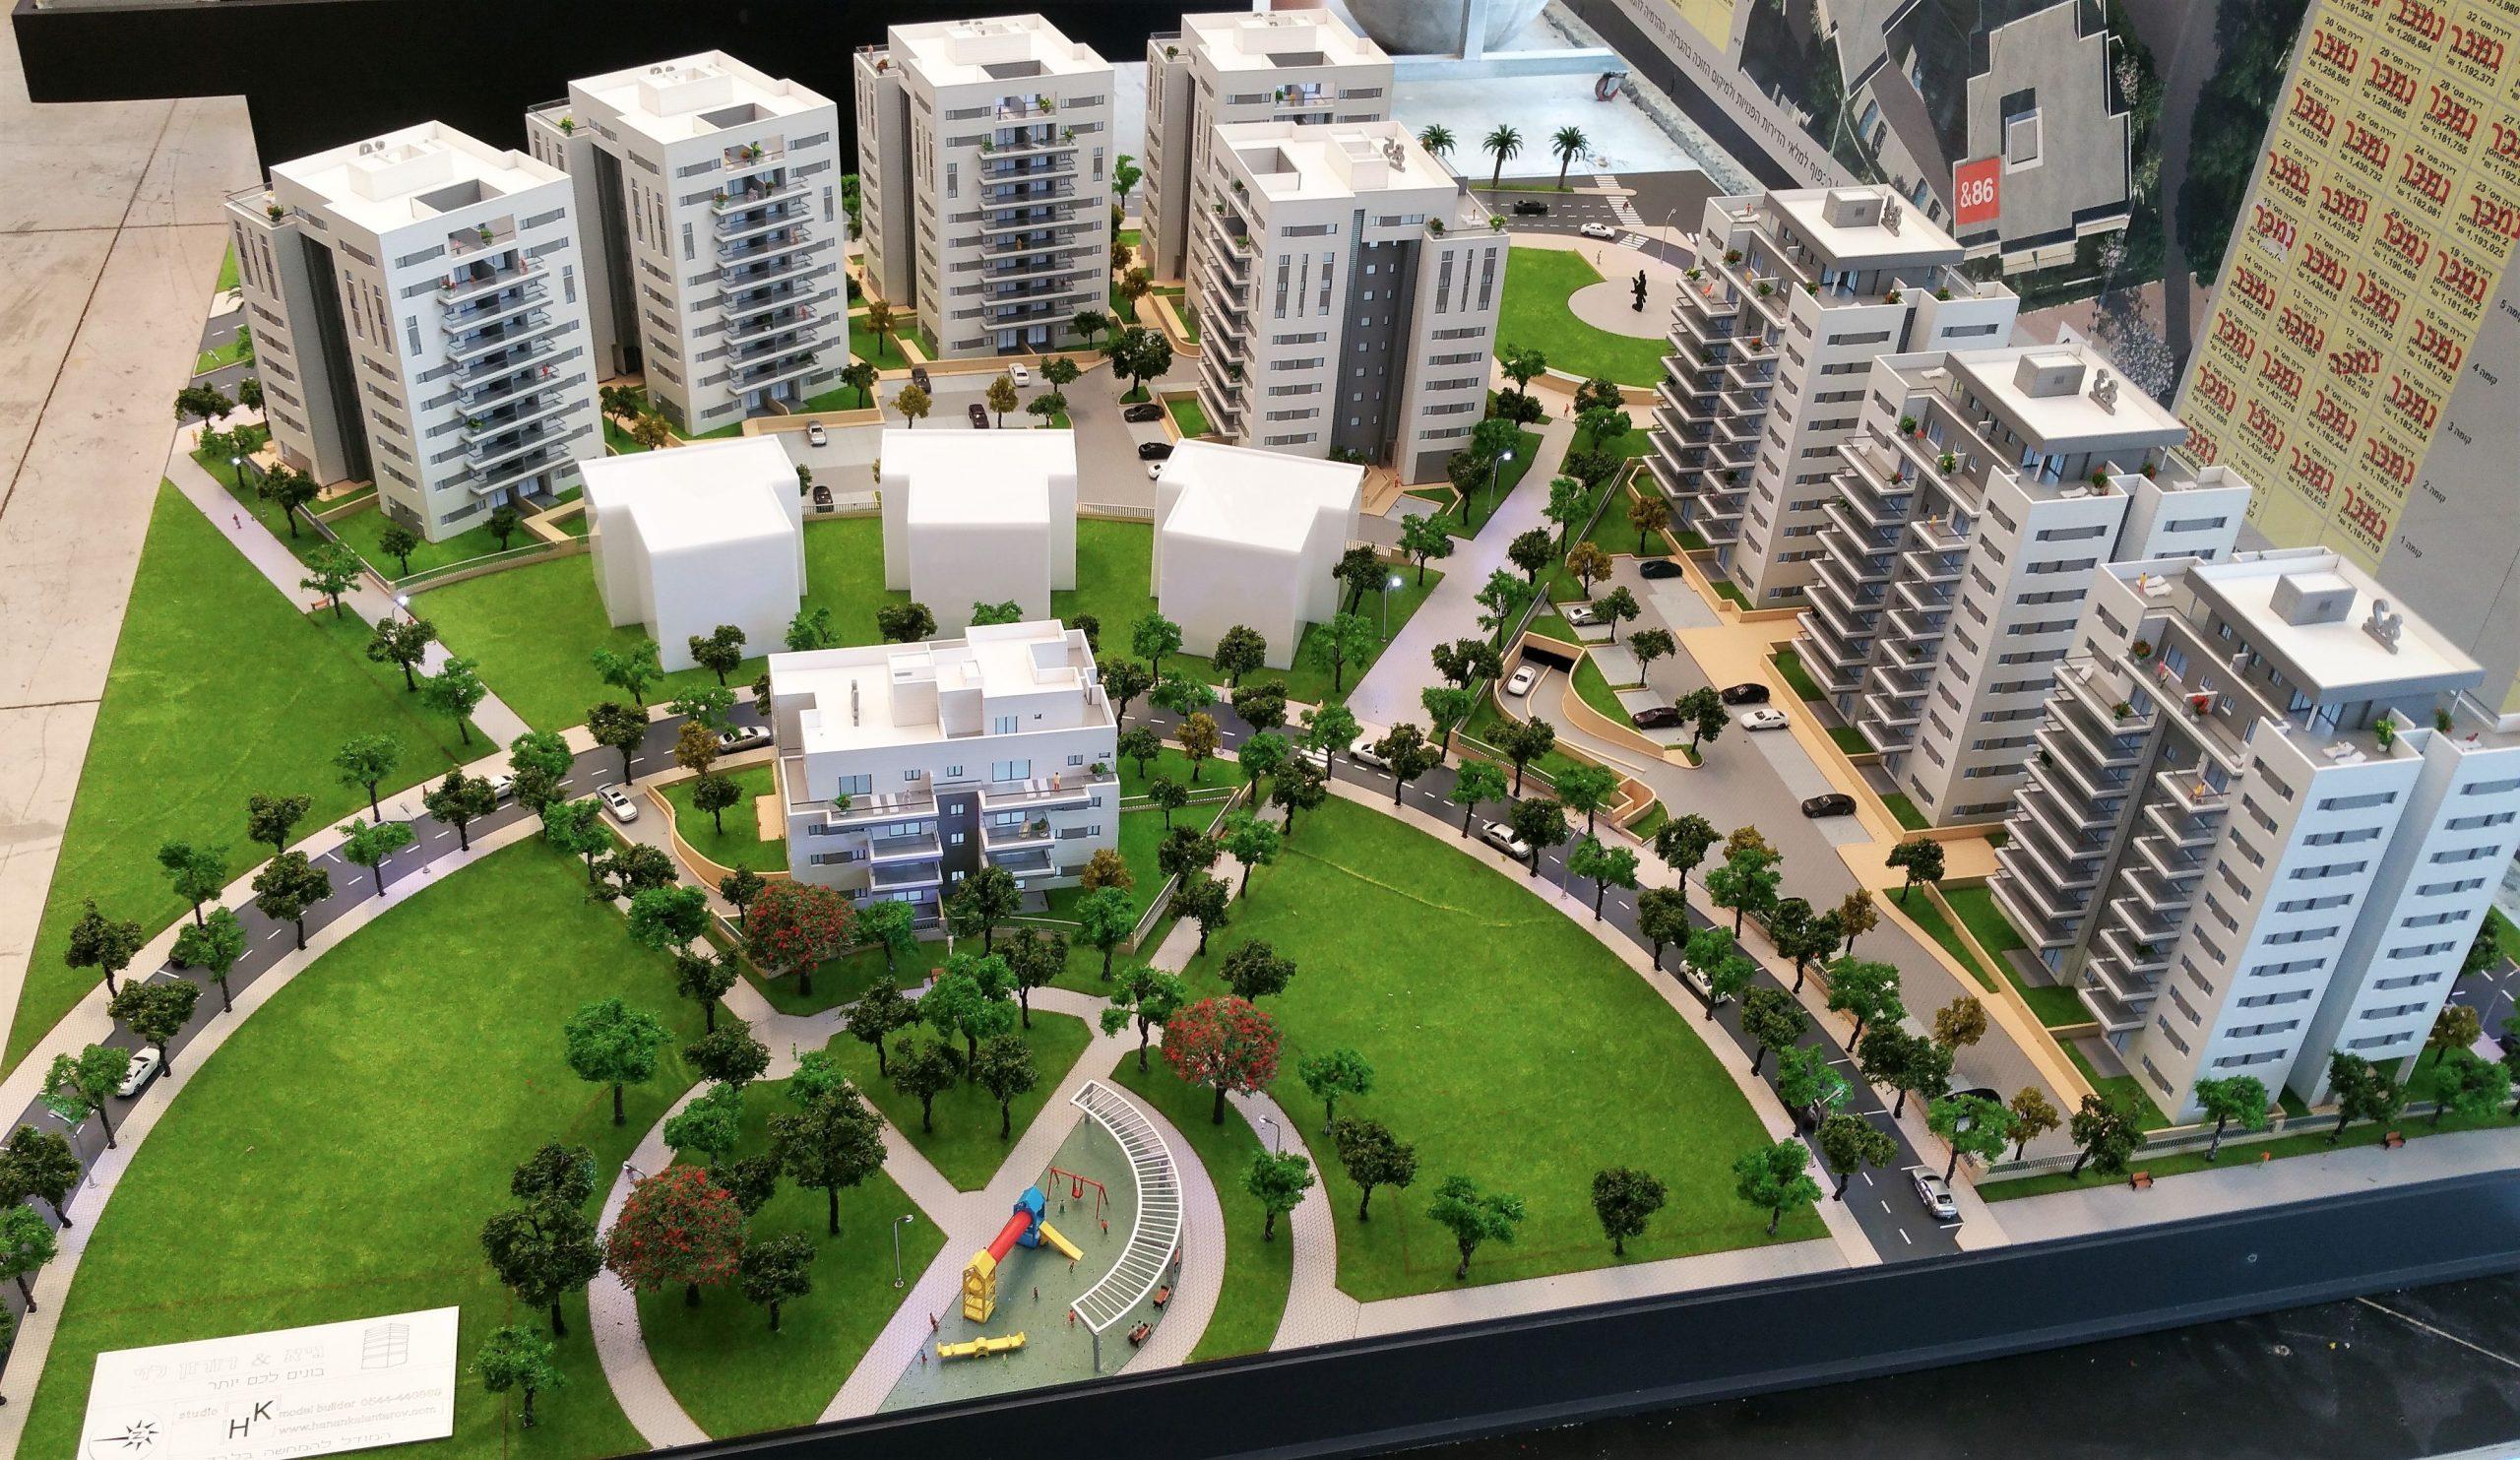 דגם אדריכלי של שכונה